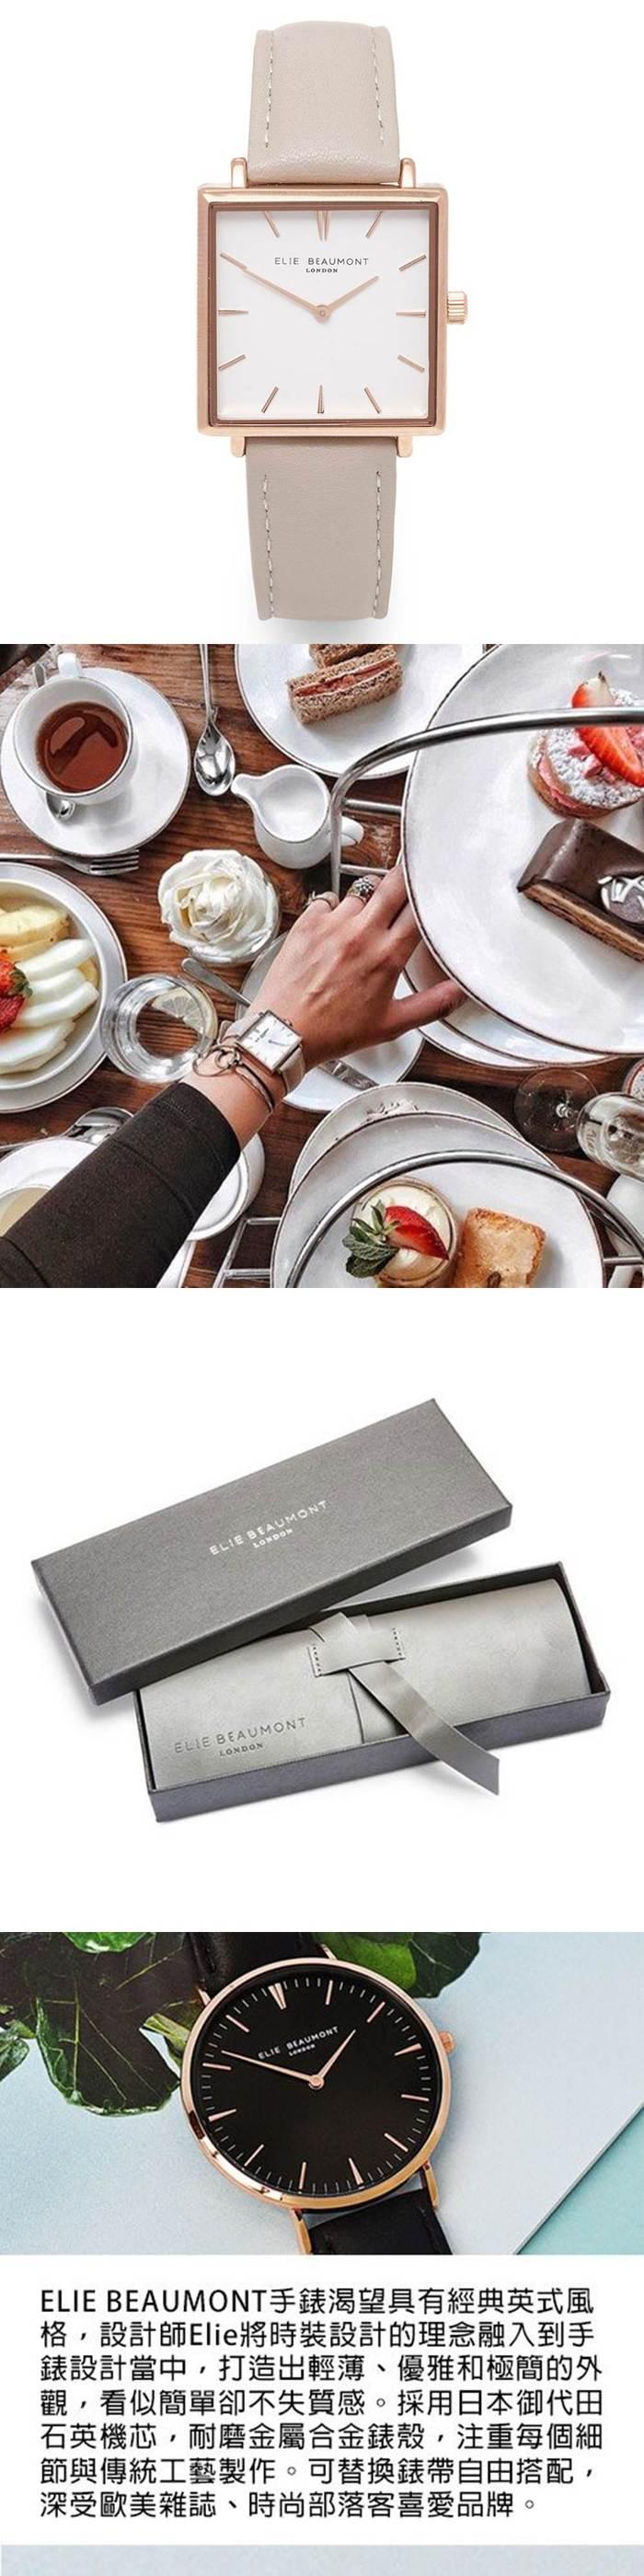 (複製)Elie Beaumont 英國時尚手錶 牛津系列 黑錶盤x褐皮革錶帶x玫瑰金錶框38mm